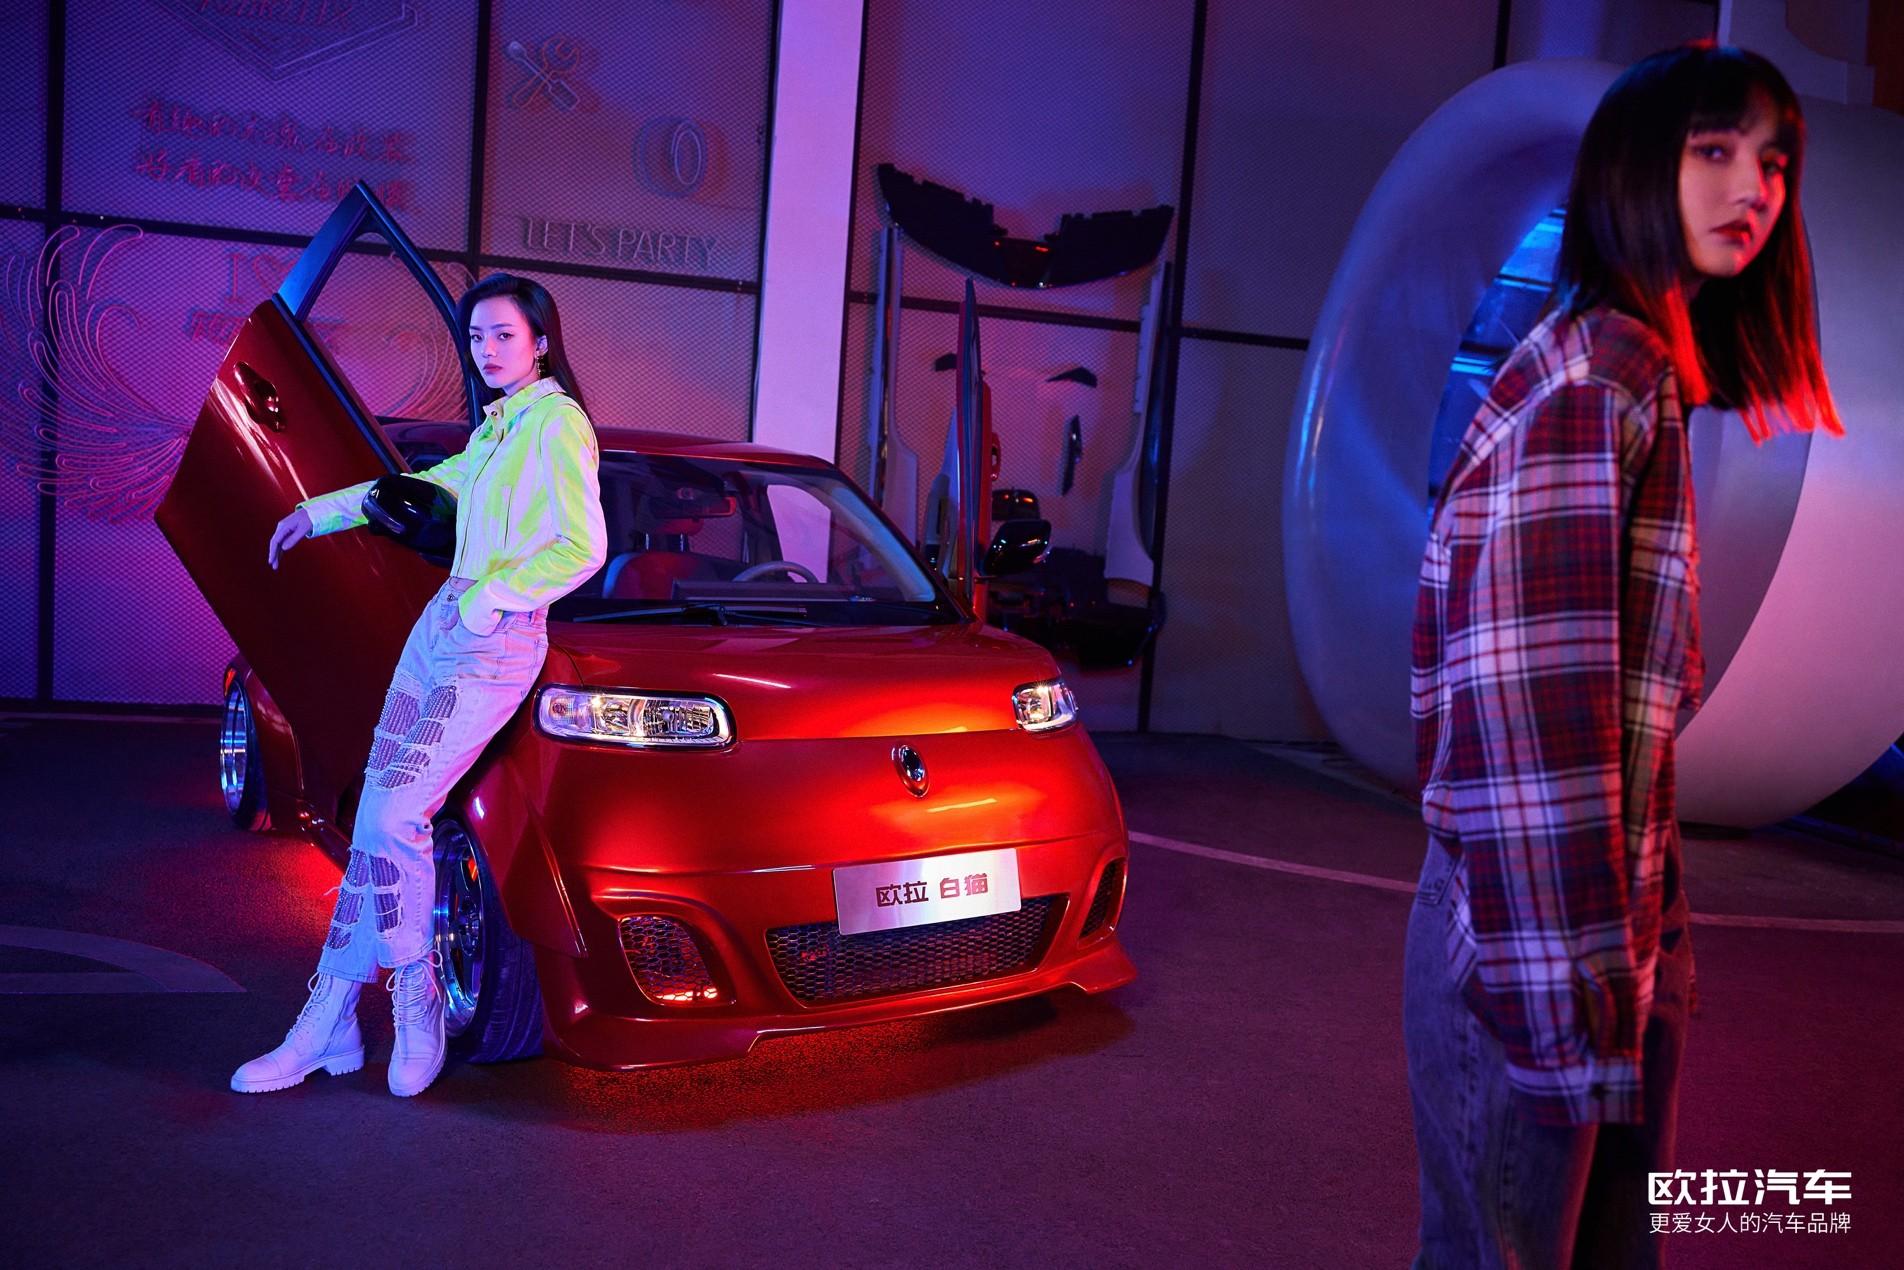 引领消费新范式,欧拉开启中国汽车订阅化服务新时代!-第4张图片-汽车笔记网